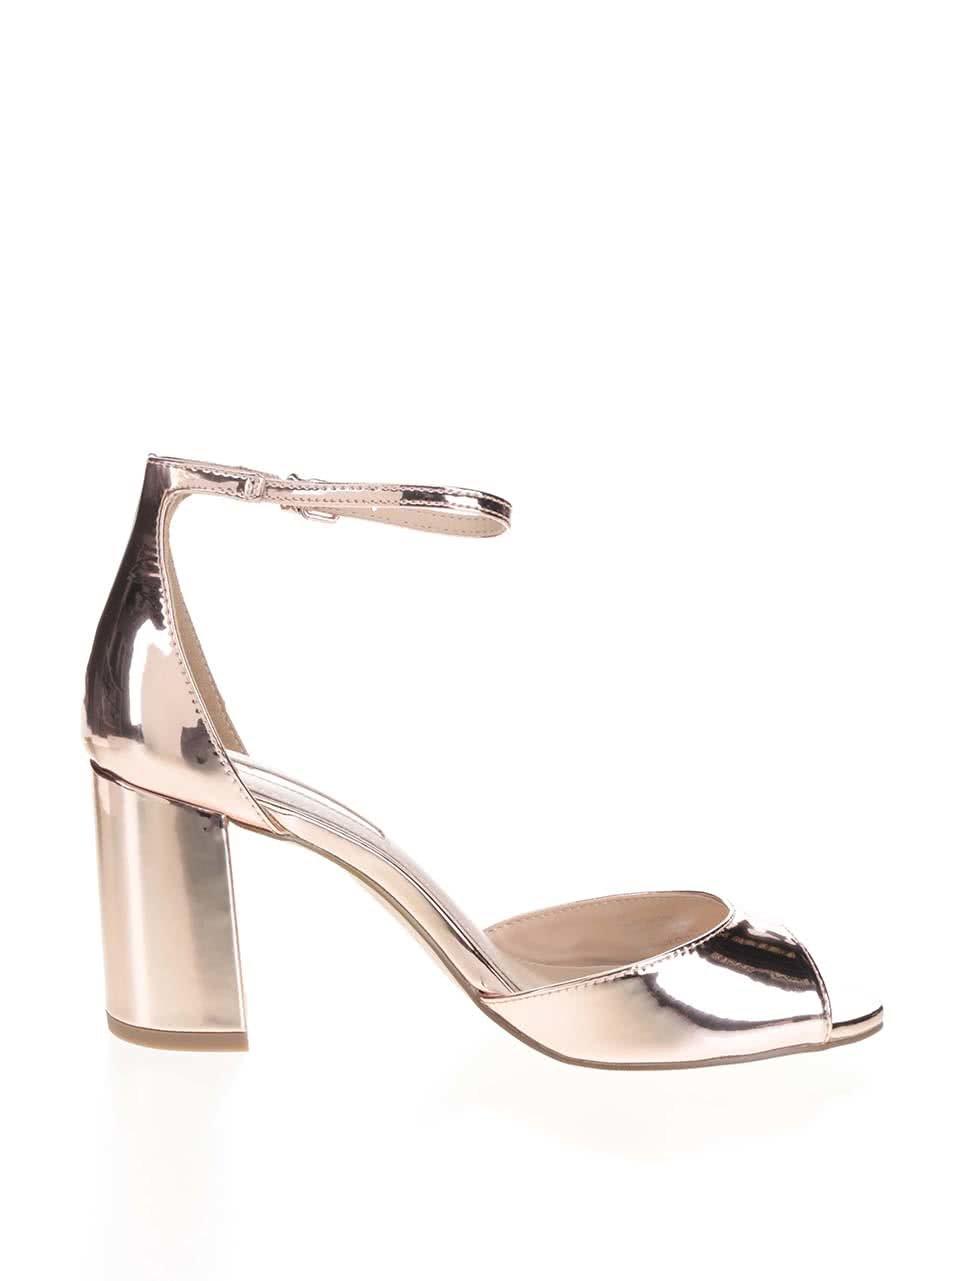 Metalické topánky na podpätku v ružovo-zlatej farbe Miss KG ... 36fa2442316